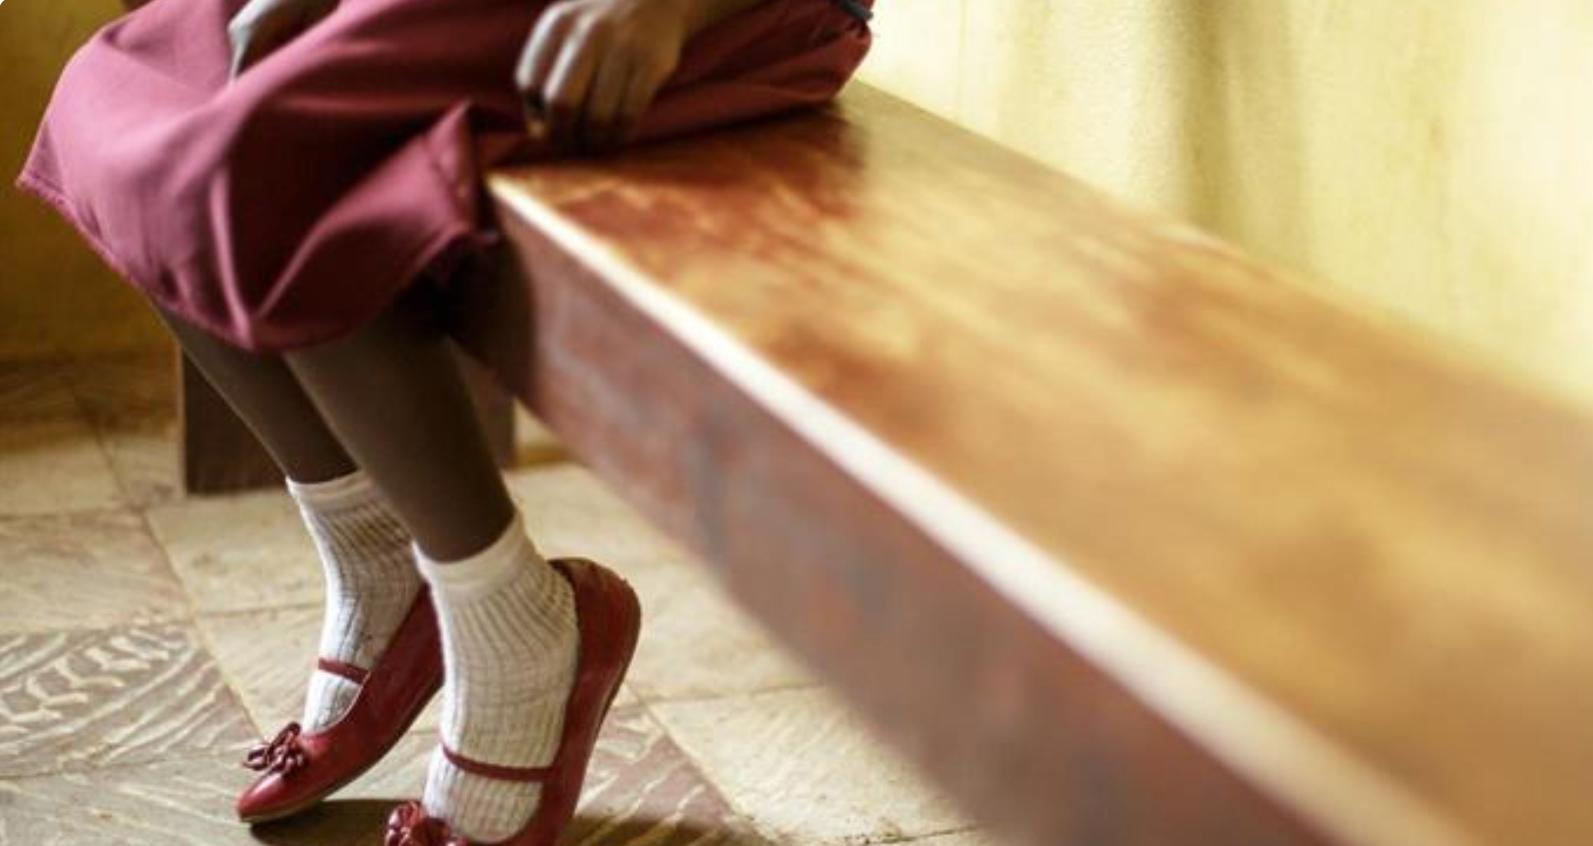 violencia contra los niños